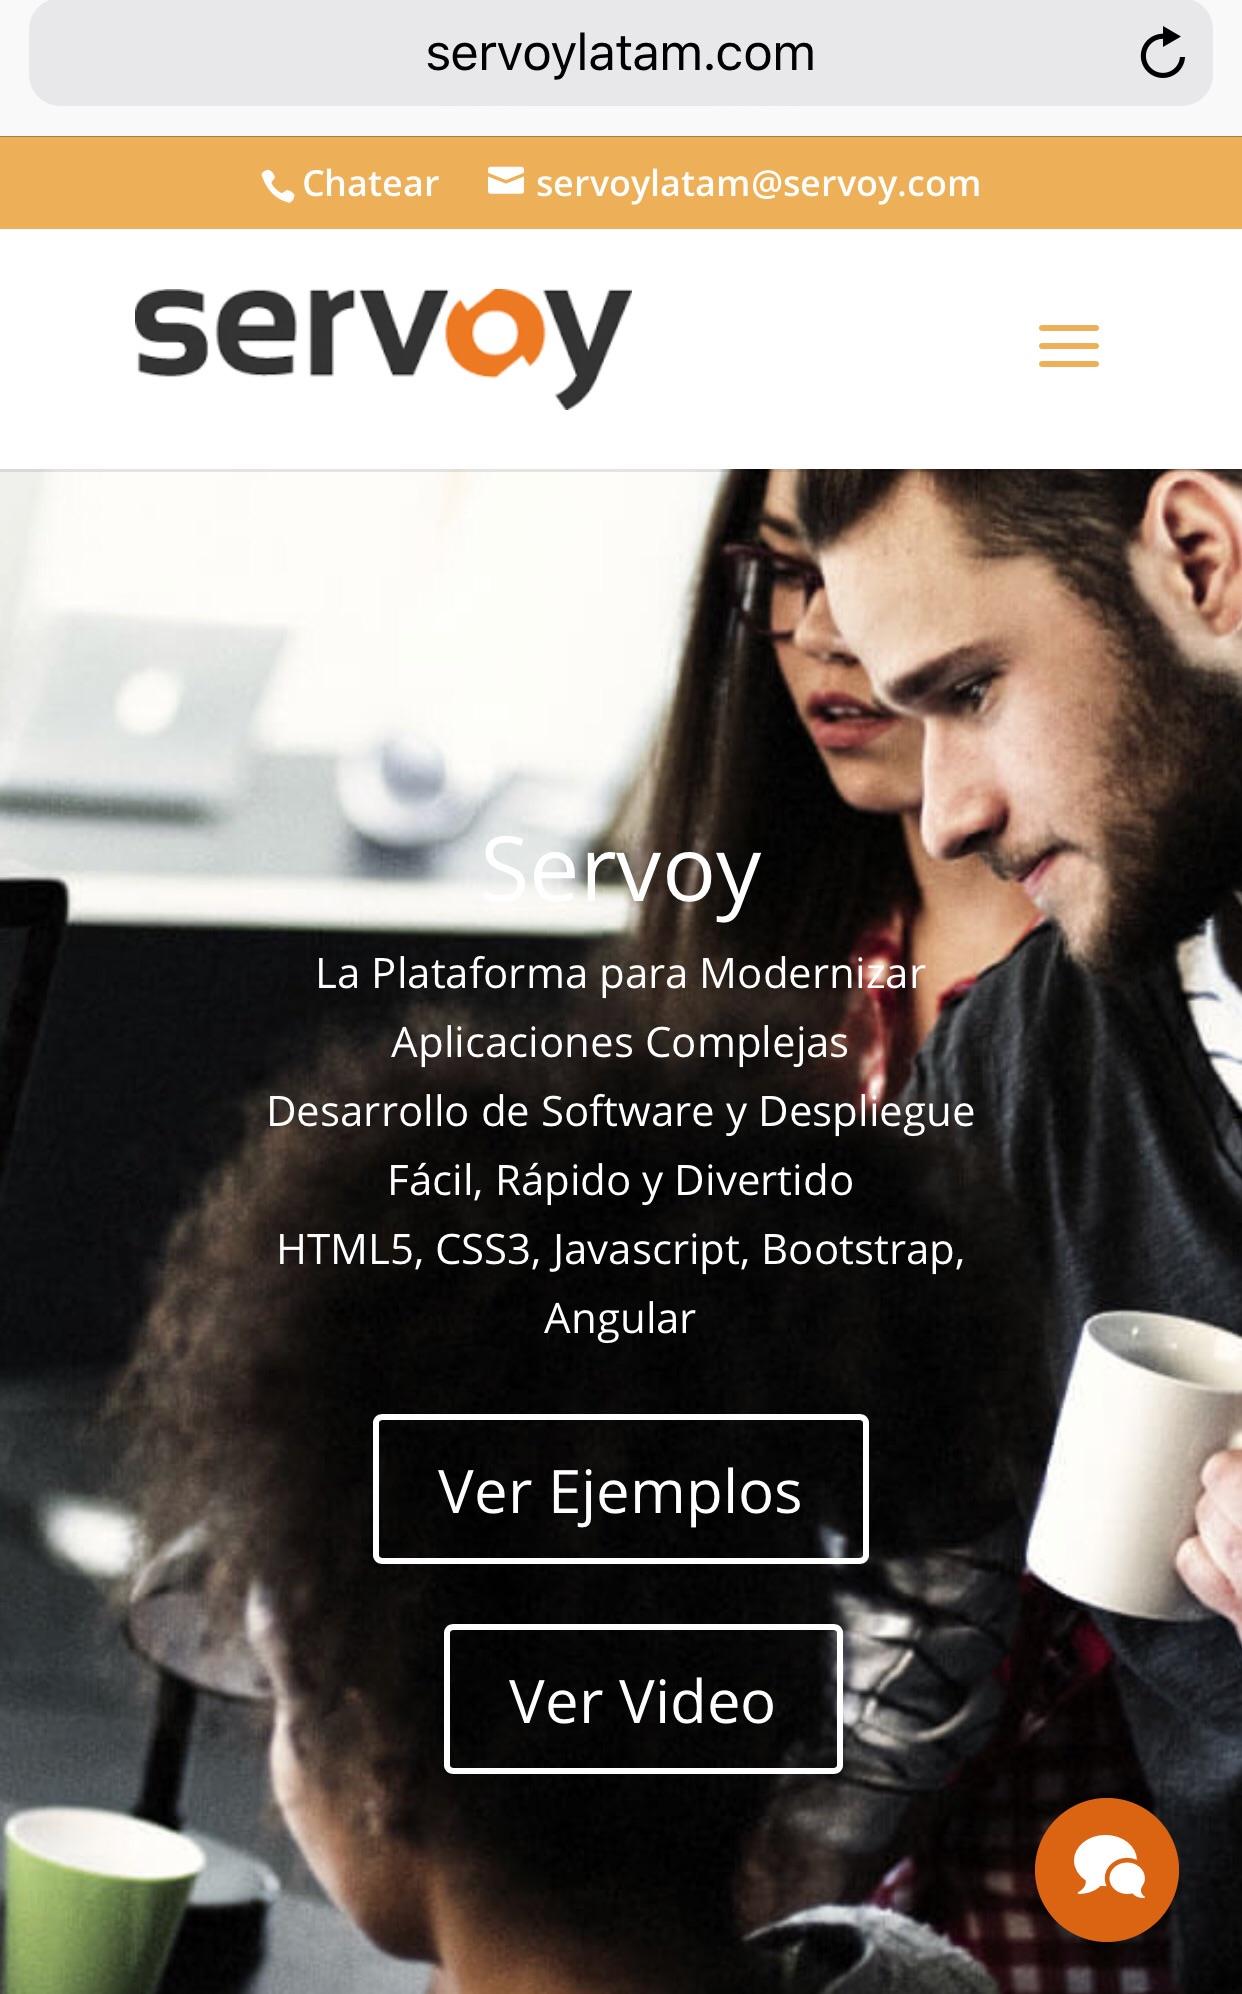 SERVOYLATAM.COM